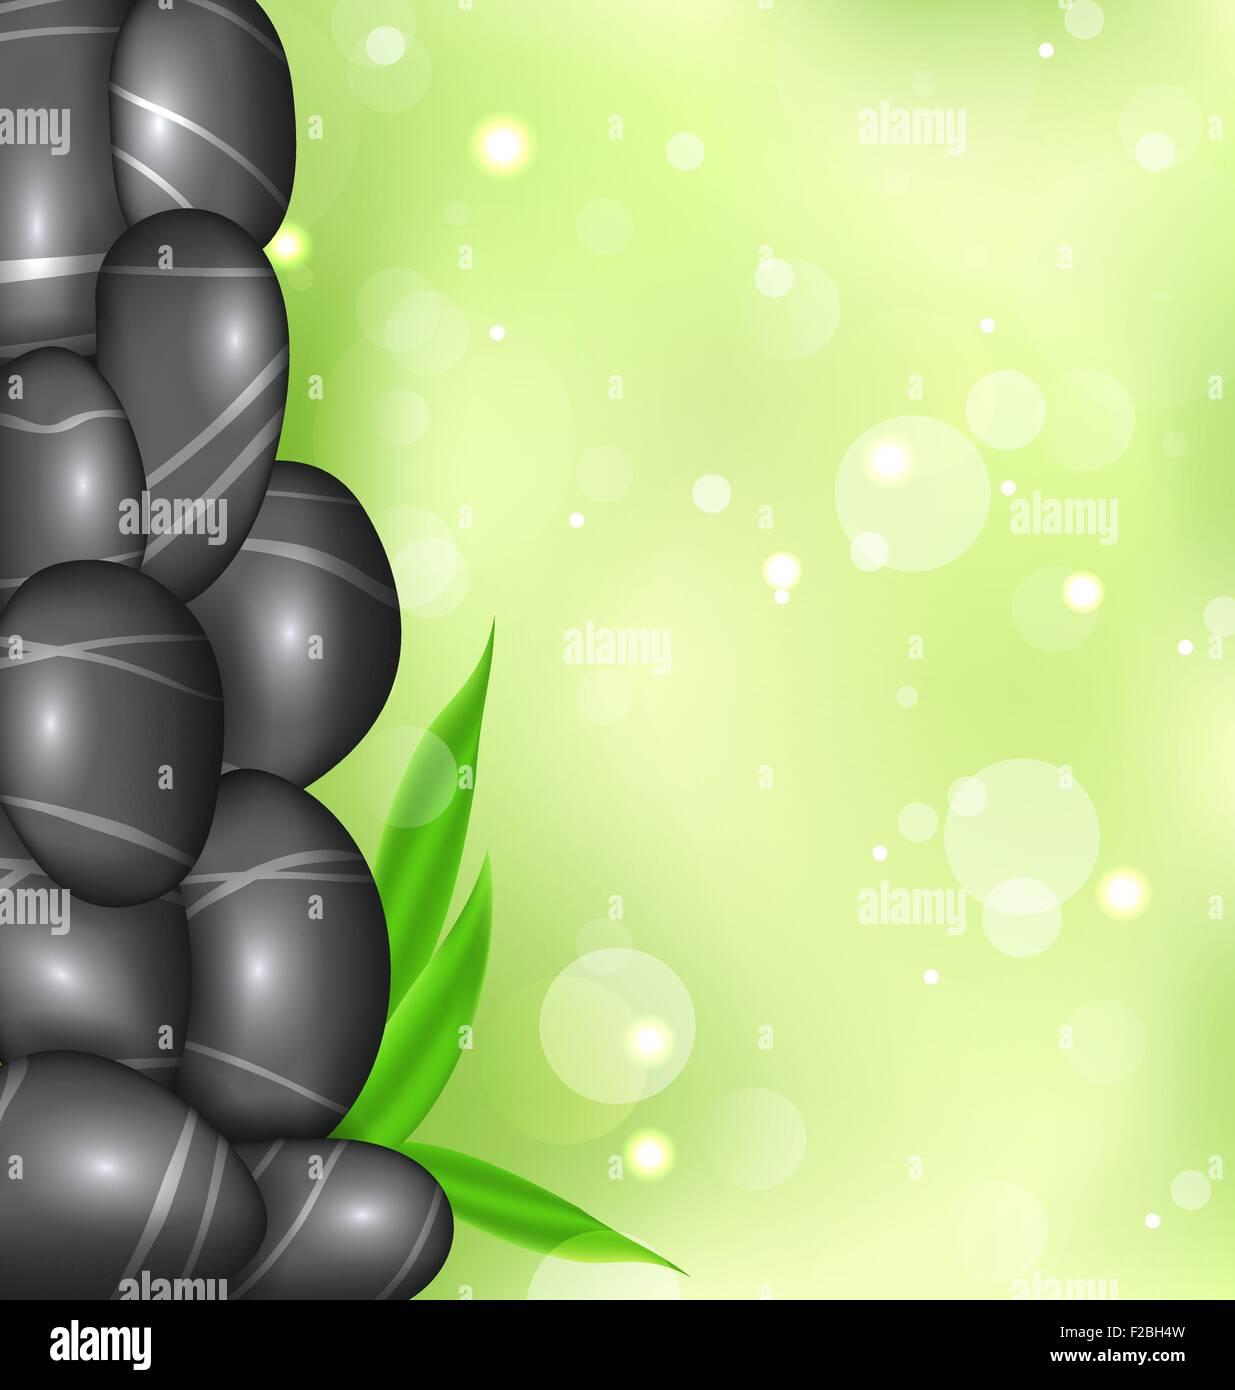 Spa Hintergrund Mit Bambus Blatter Und Steinen Vektor Abbildung